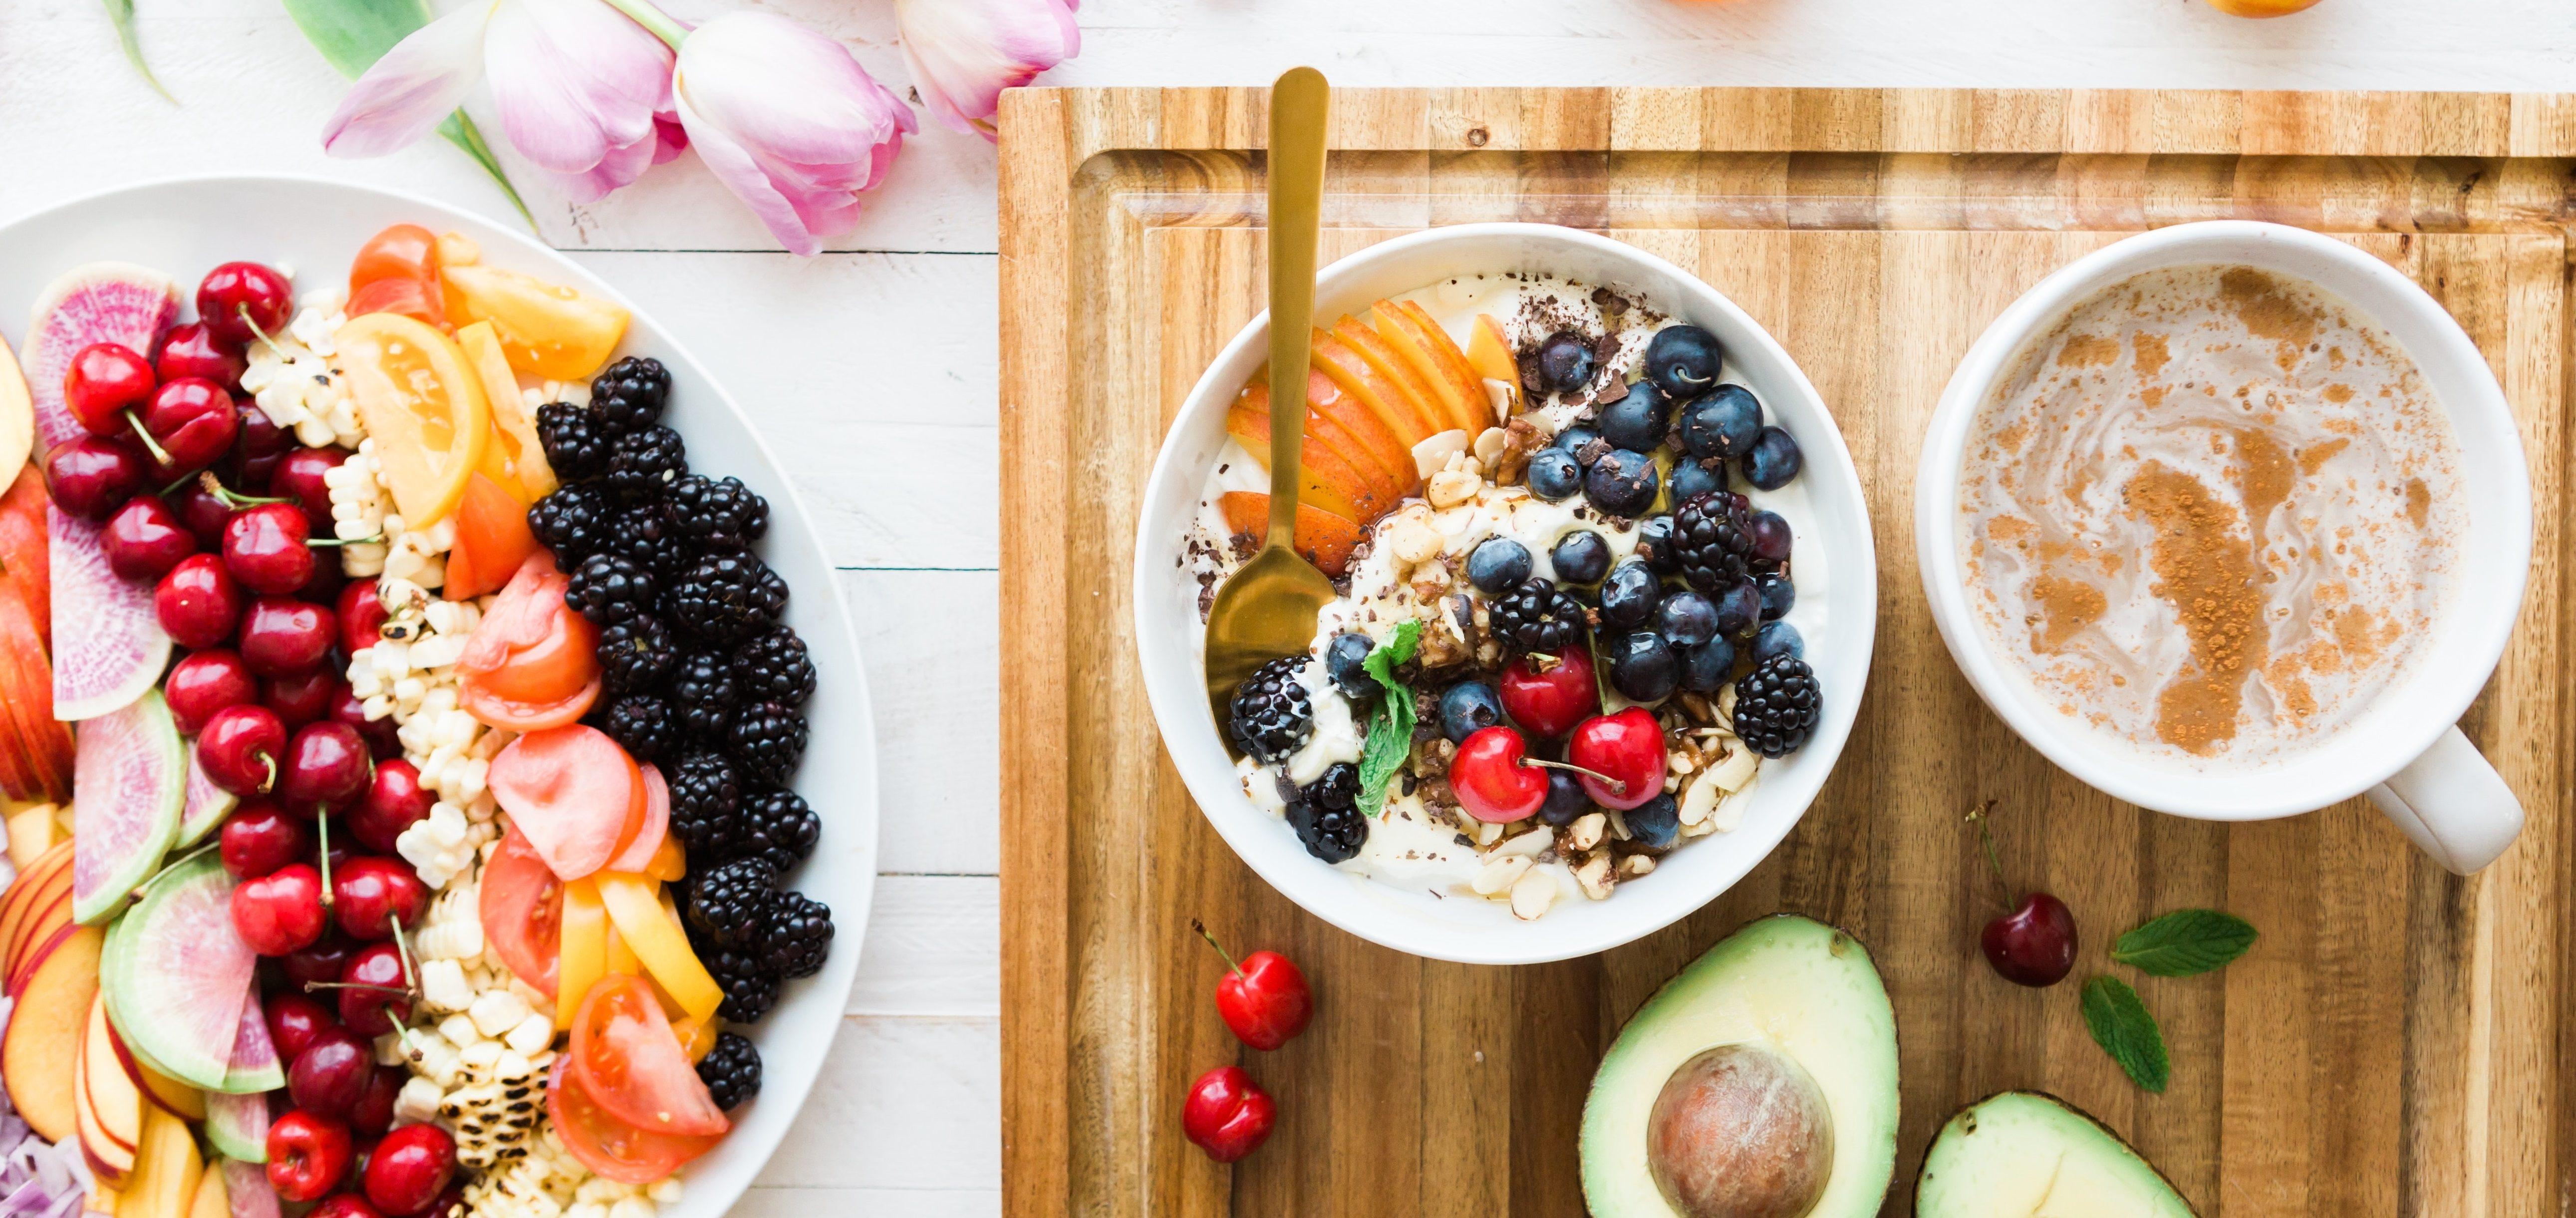 5 cuentas 'healthy' de Instagram que tienes que seguir si quieres comenzar a cuidarte